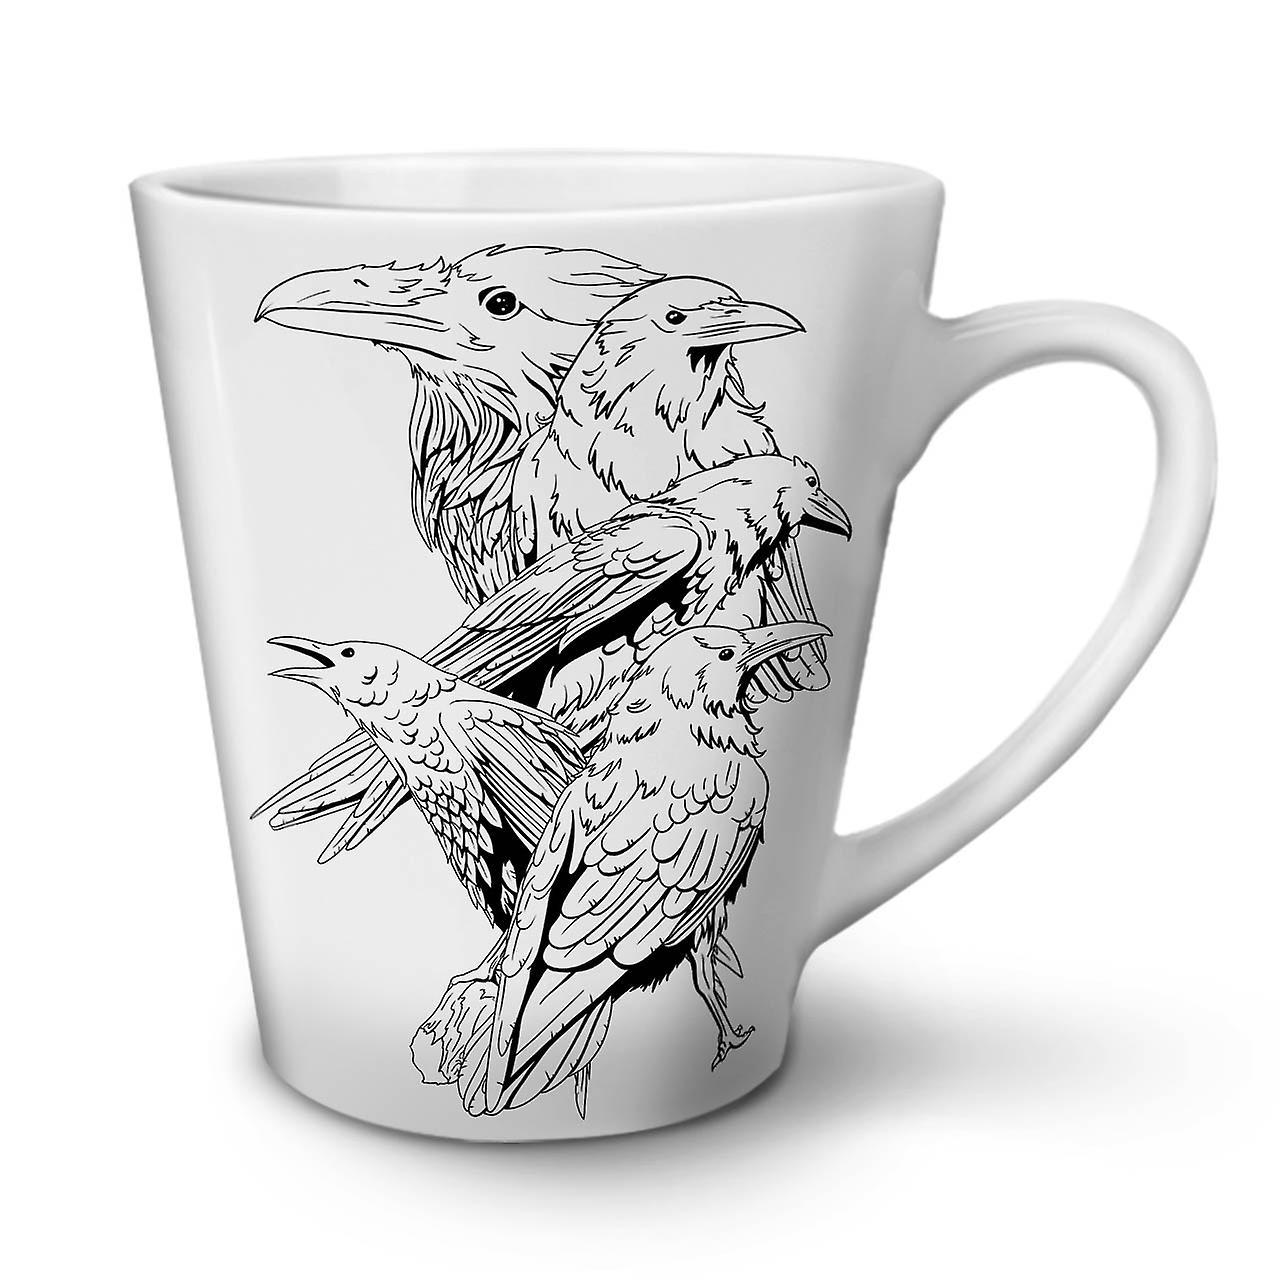 OzWellcoda Raven En Effrayant 12 Blanche Café Quatre Latte Nouvelle Tasse Céramique wyvmN8On0P